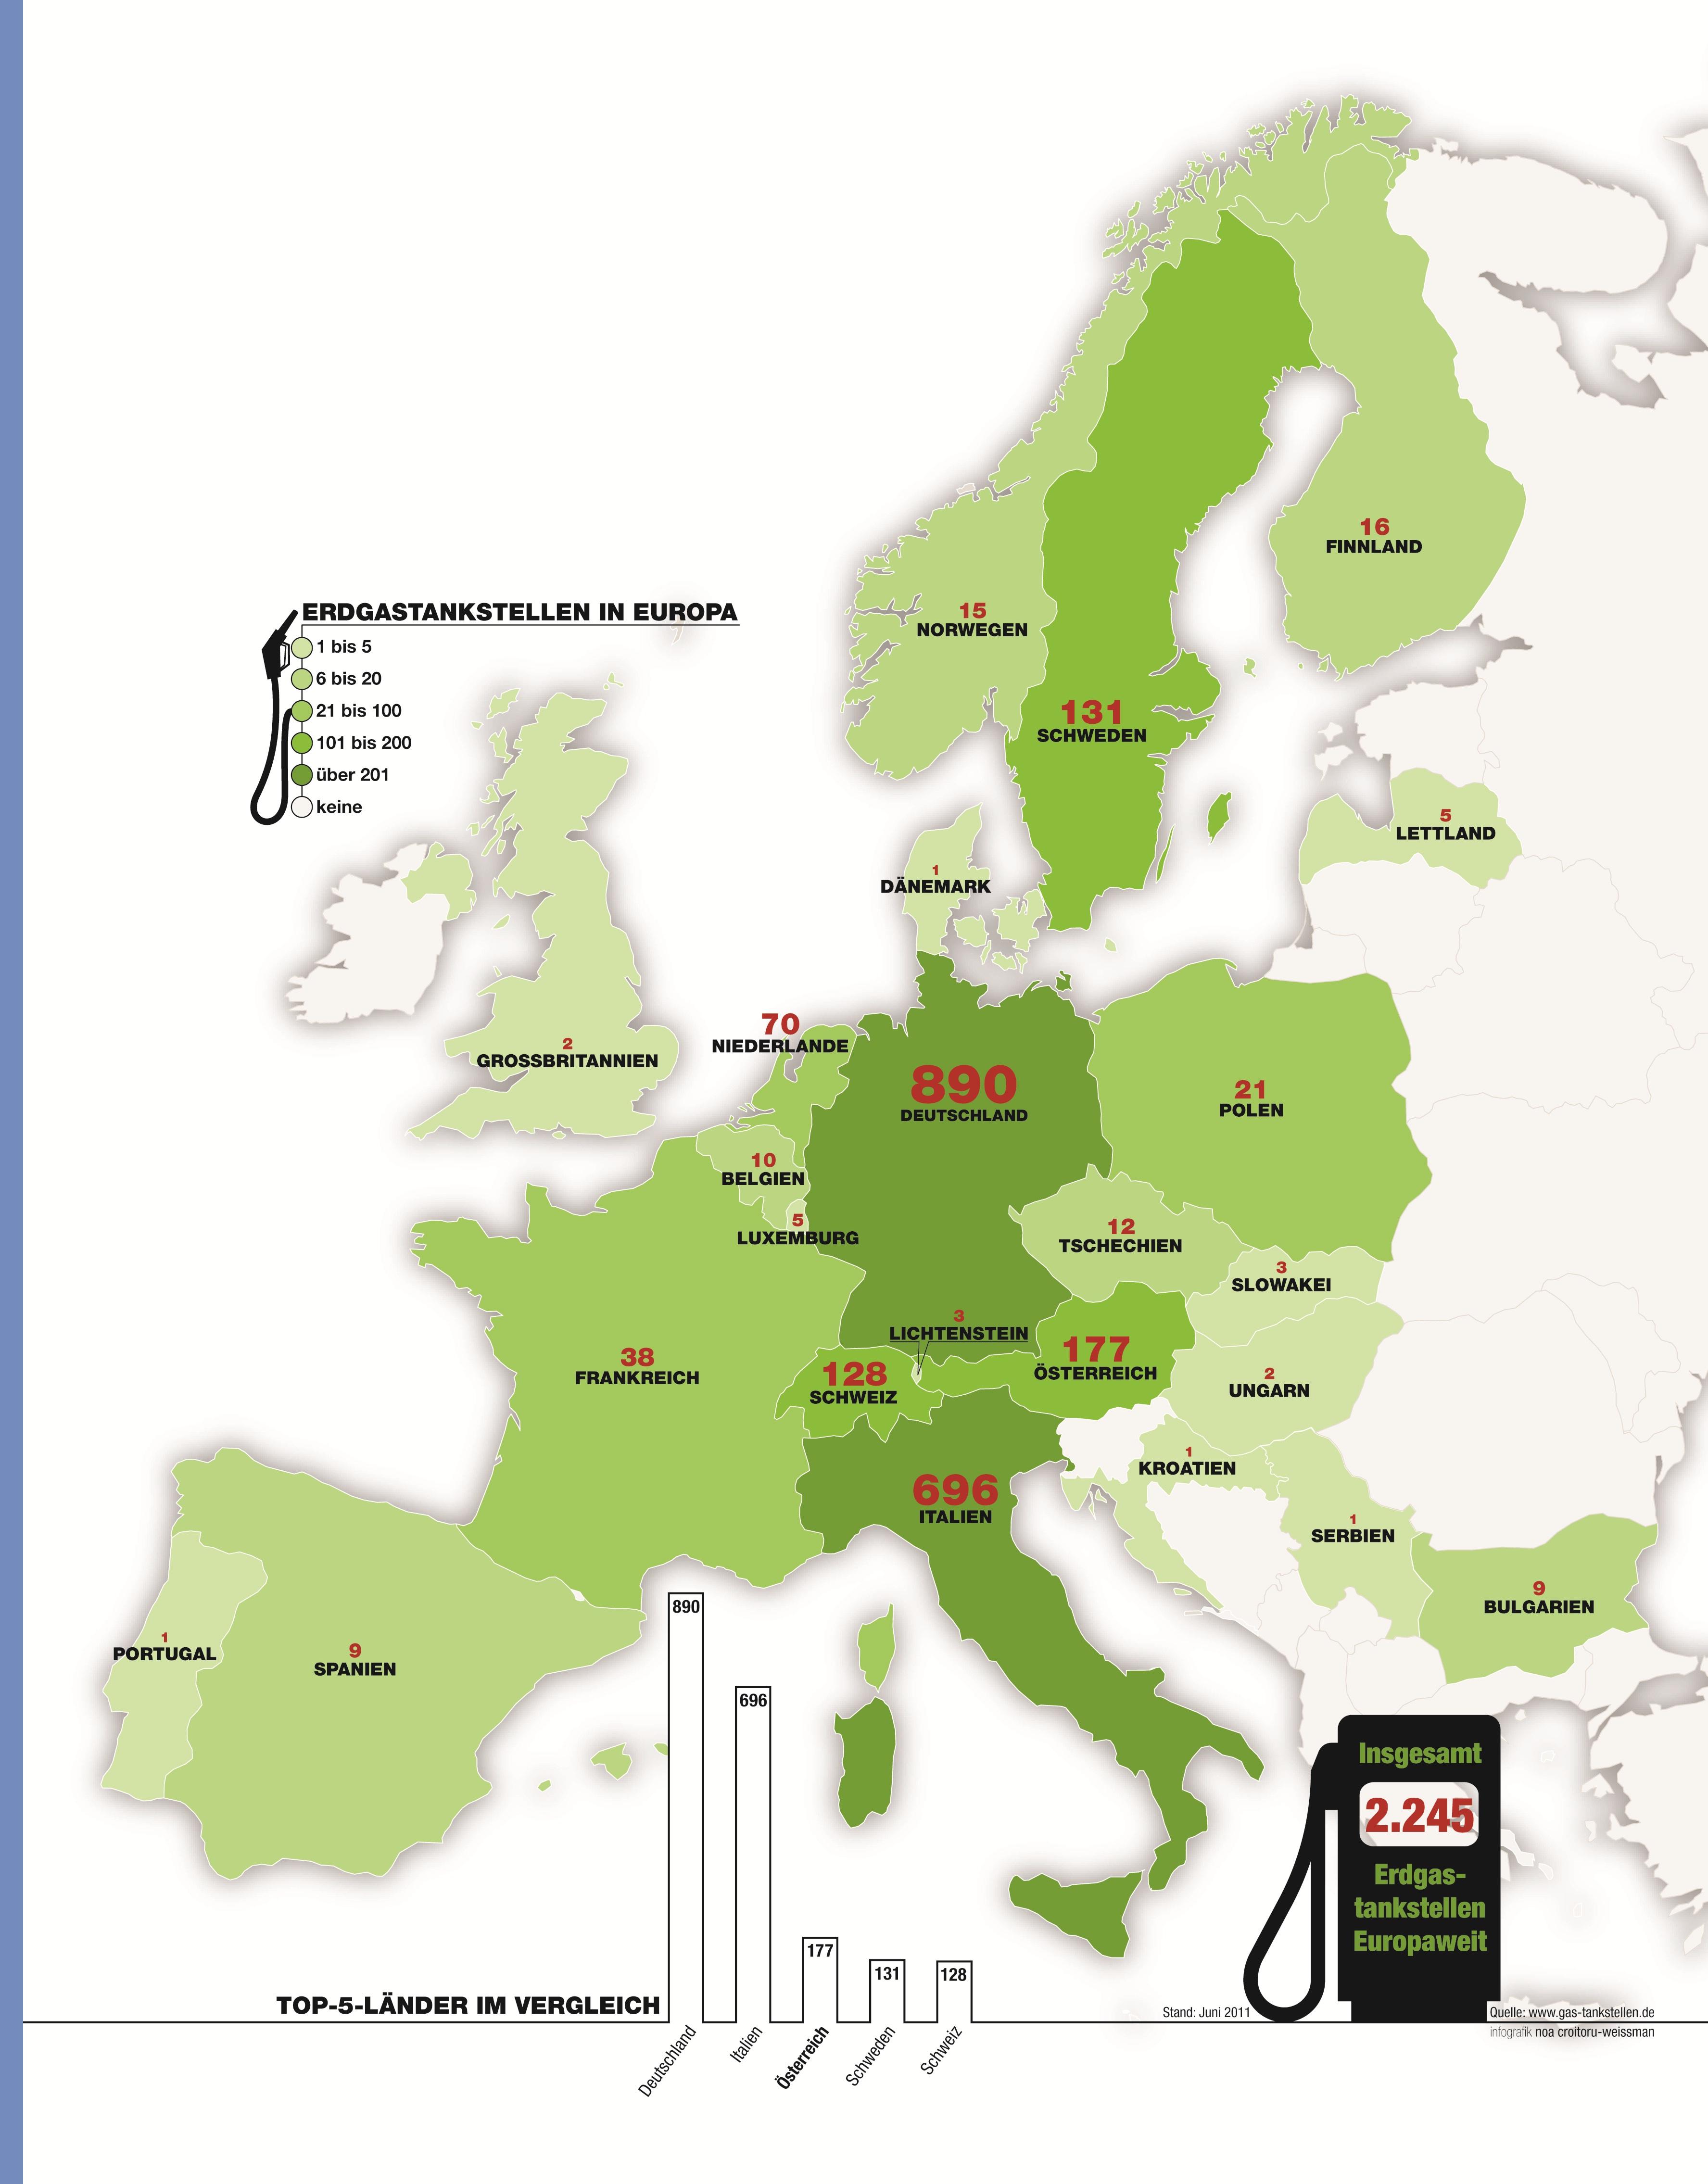 Mit Erdgas In Den Urlaub 2 246 Tankstellen Europaweit Wien